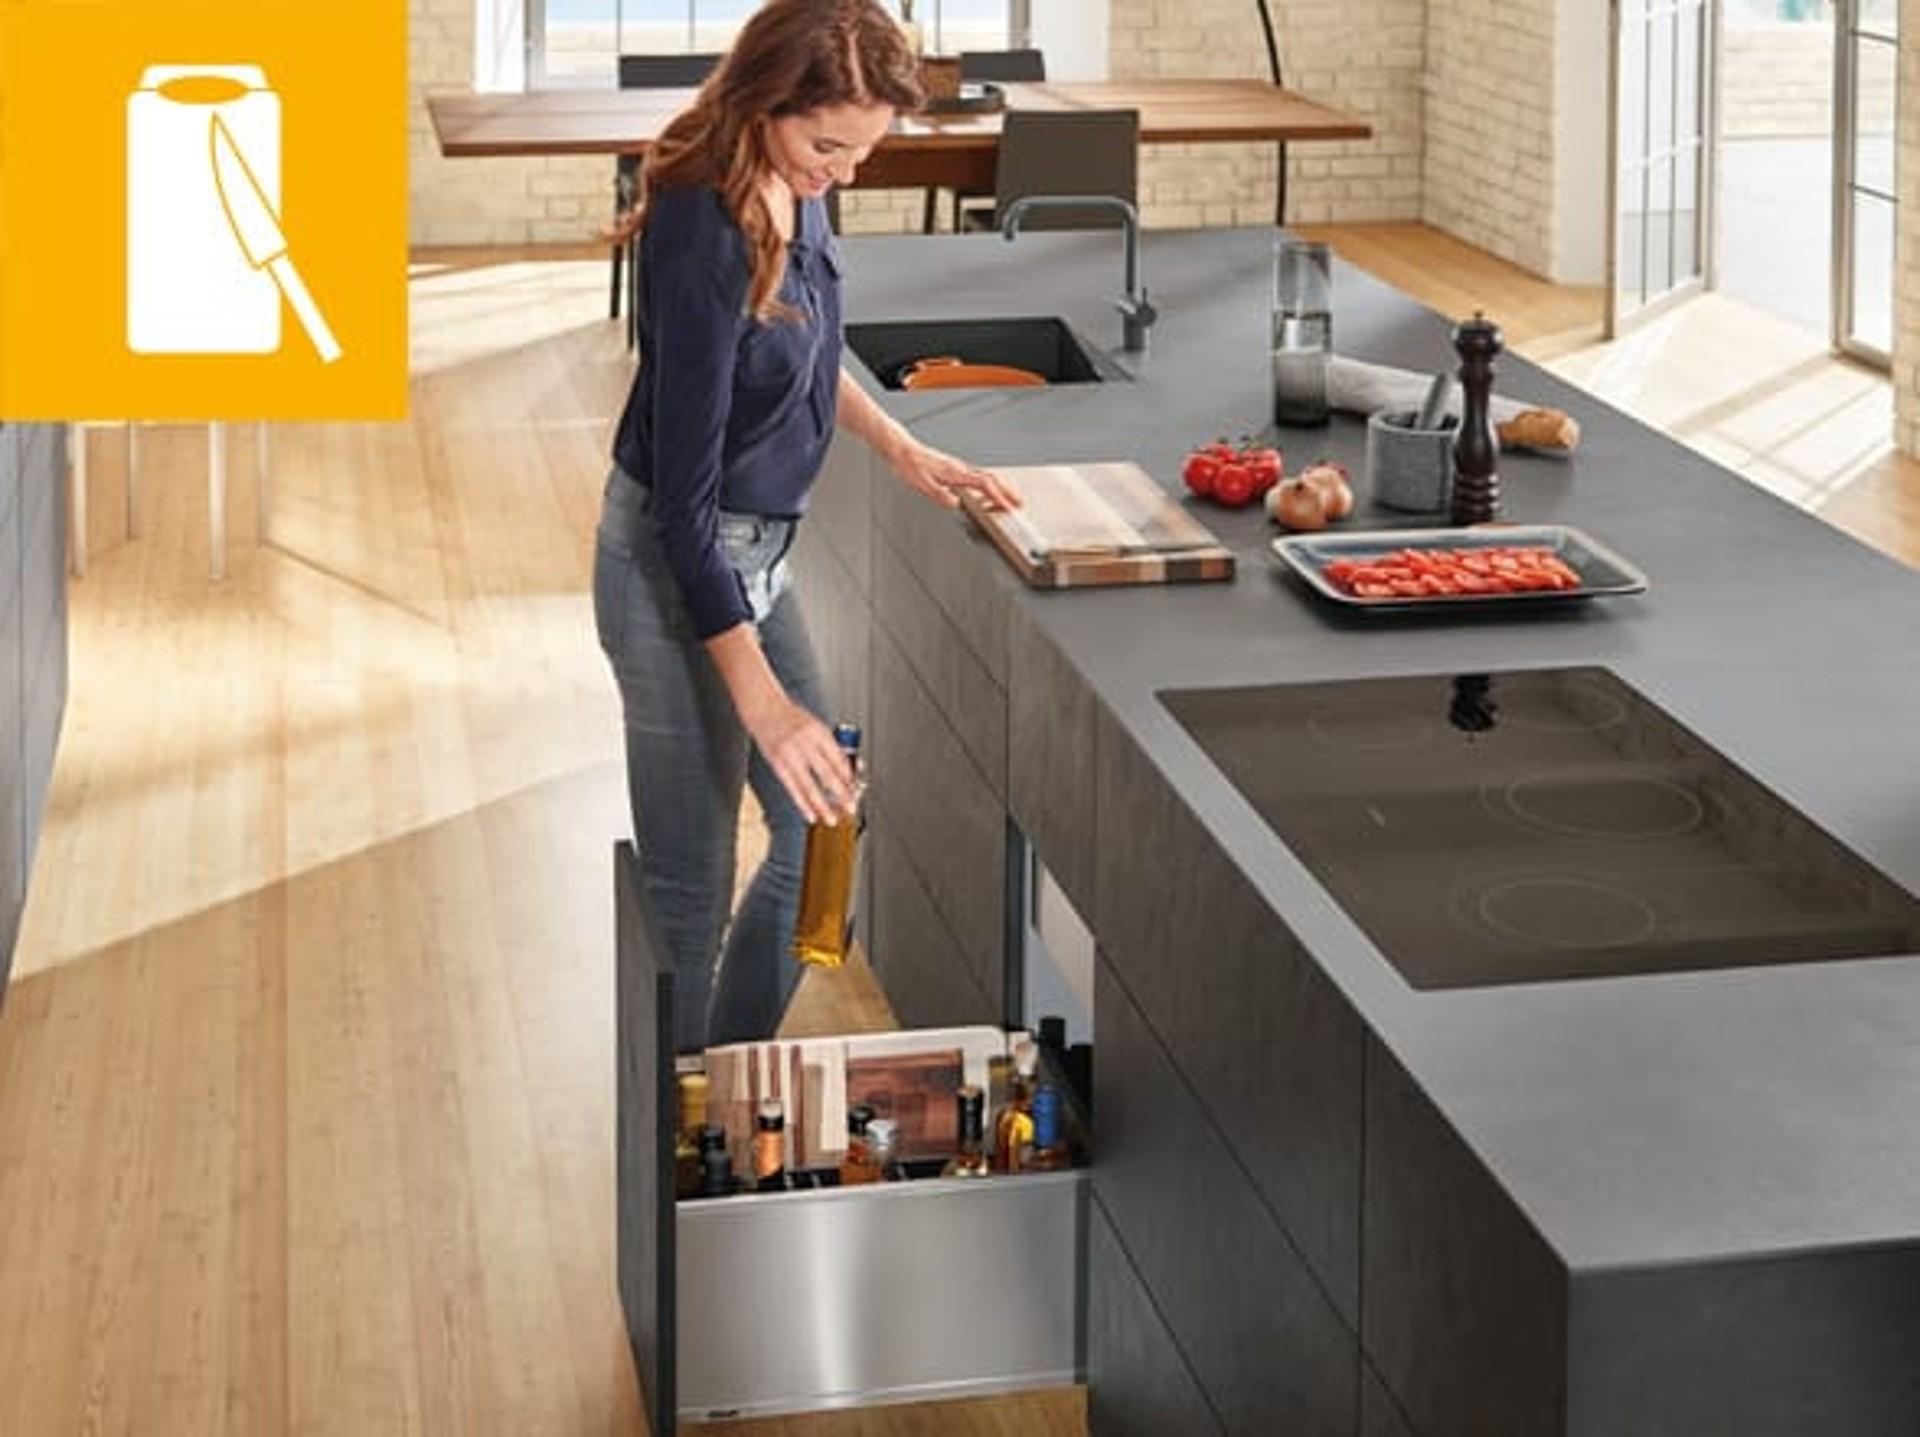 Full Size of Küchenkarussell Ideen Fr Praktische Kchen Blum Wohnzimmer Küchenkarussell